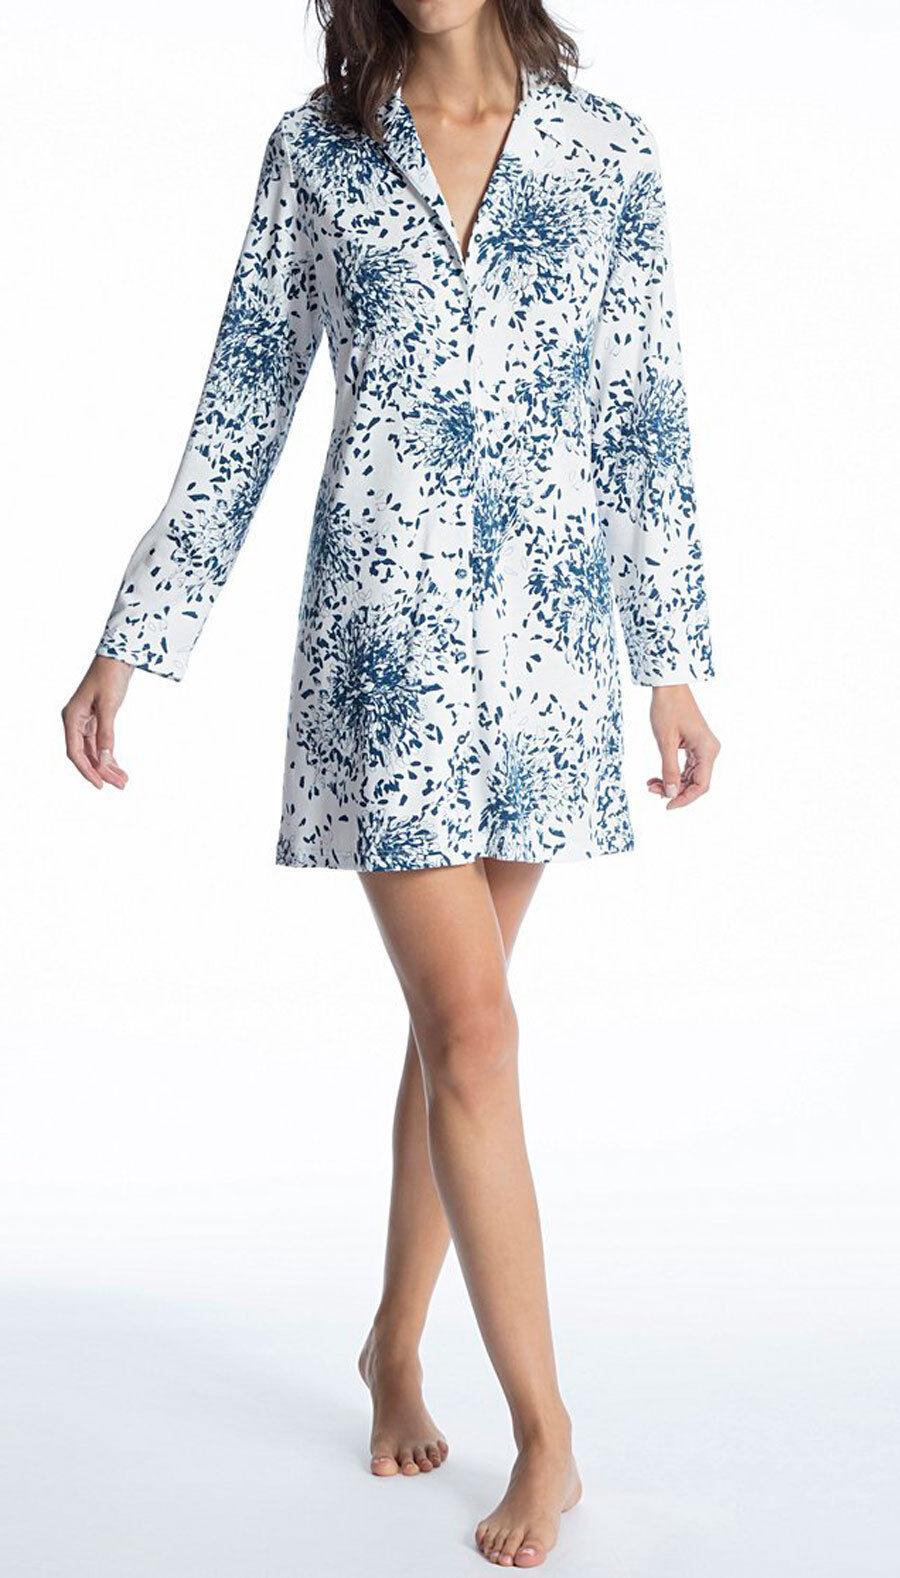 CALIDA Nachthemd geknöpft 36-38 poseidon bluee 30151